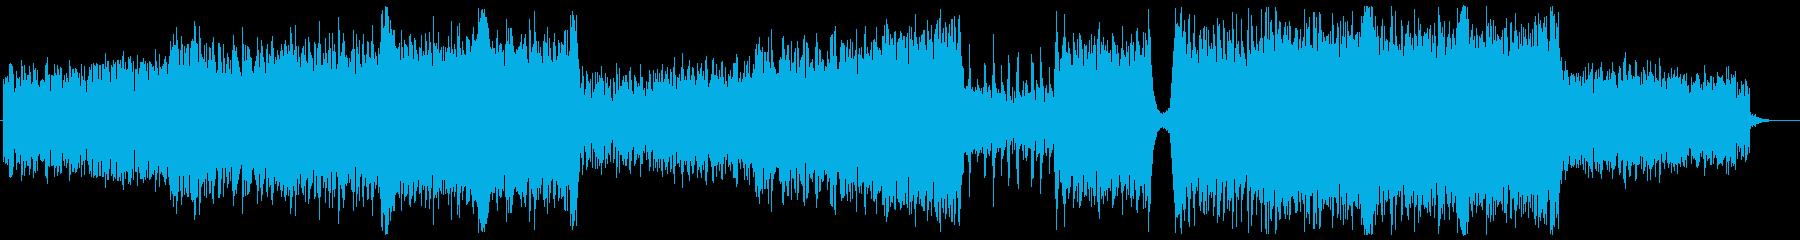 劇伴 ロック オーケストラの再生済みの波形